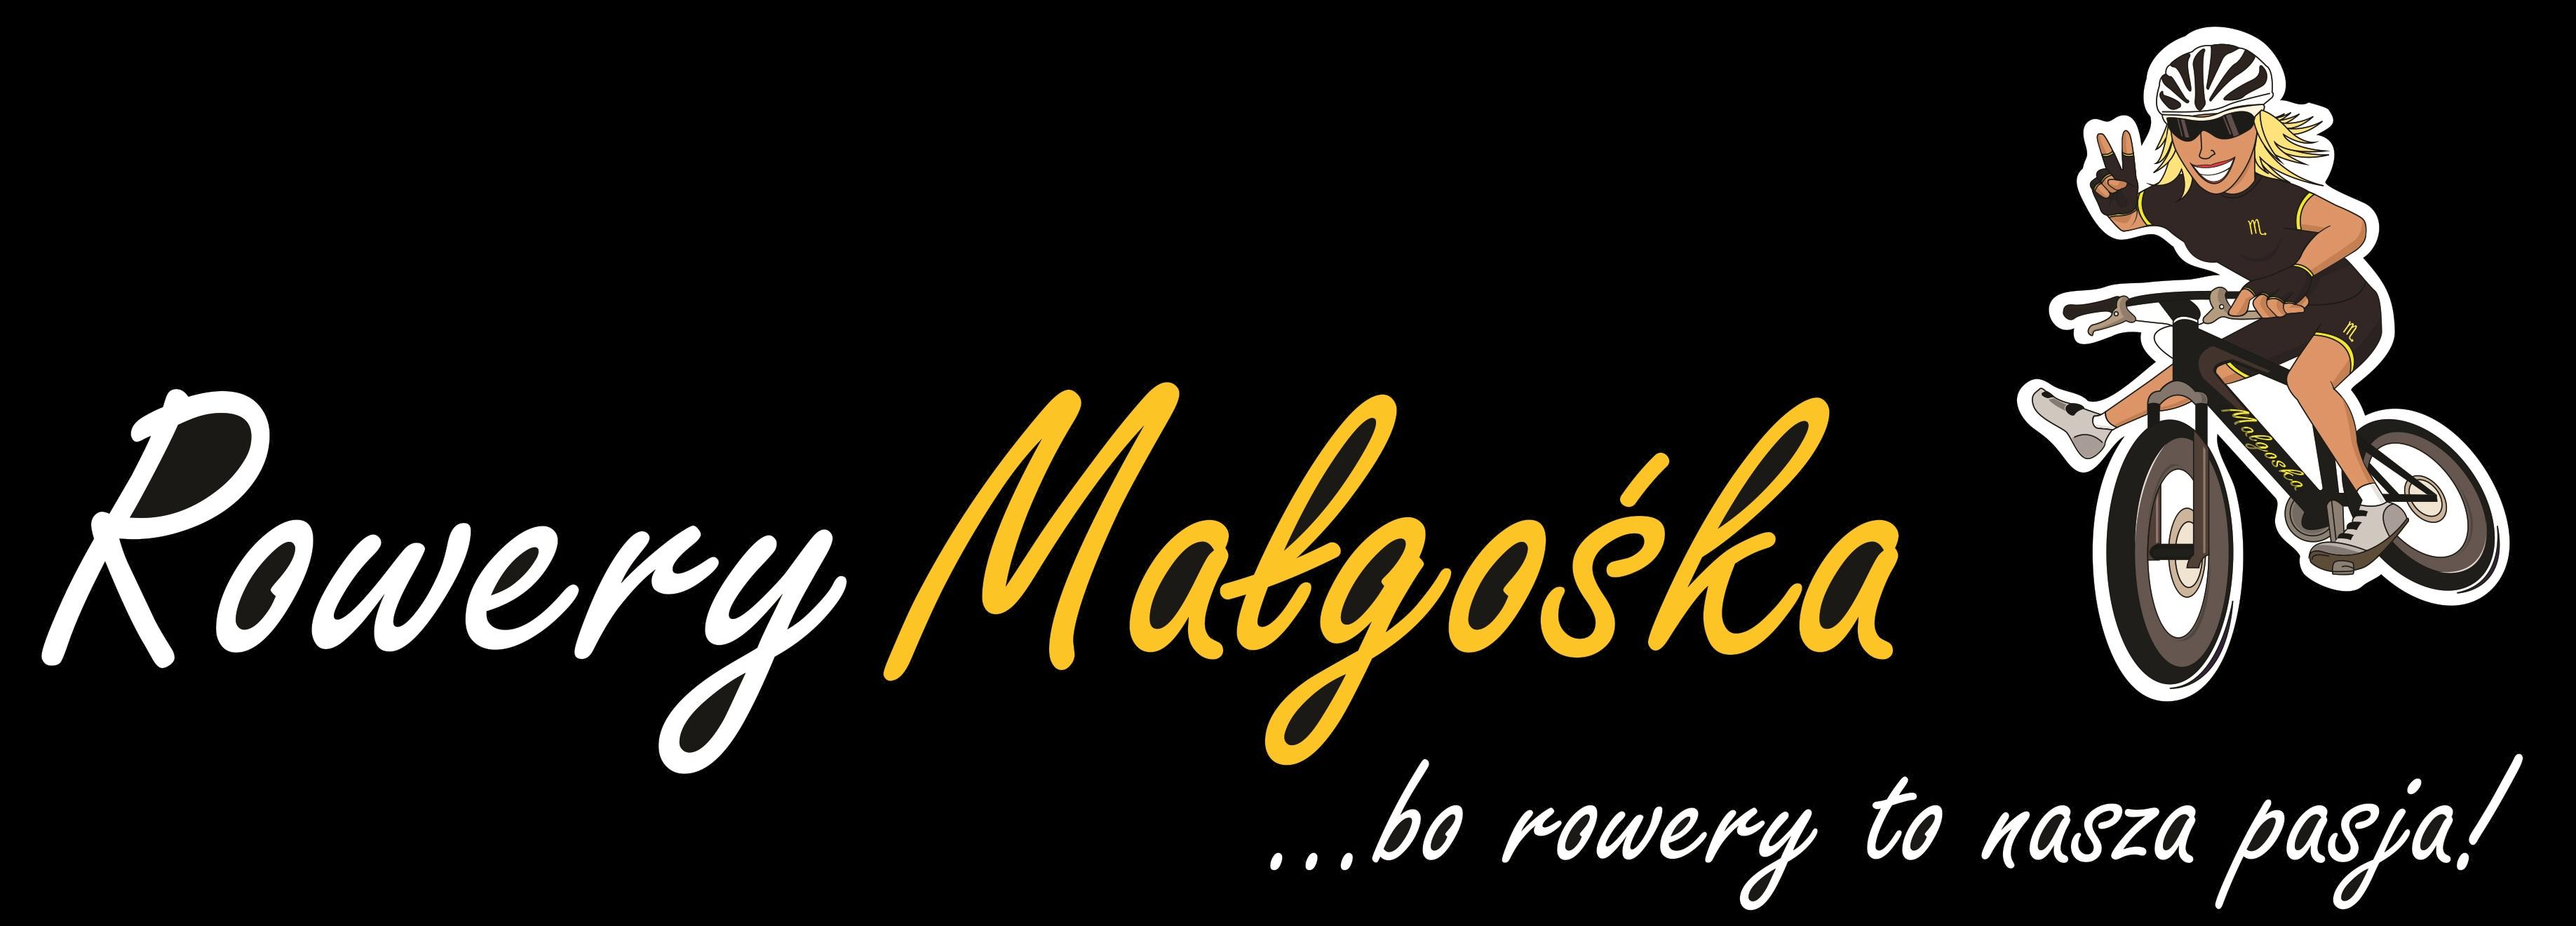 Rowery Malgoska